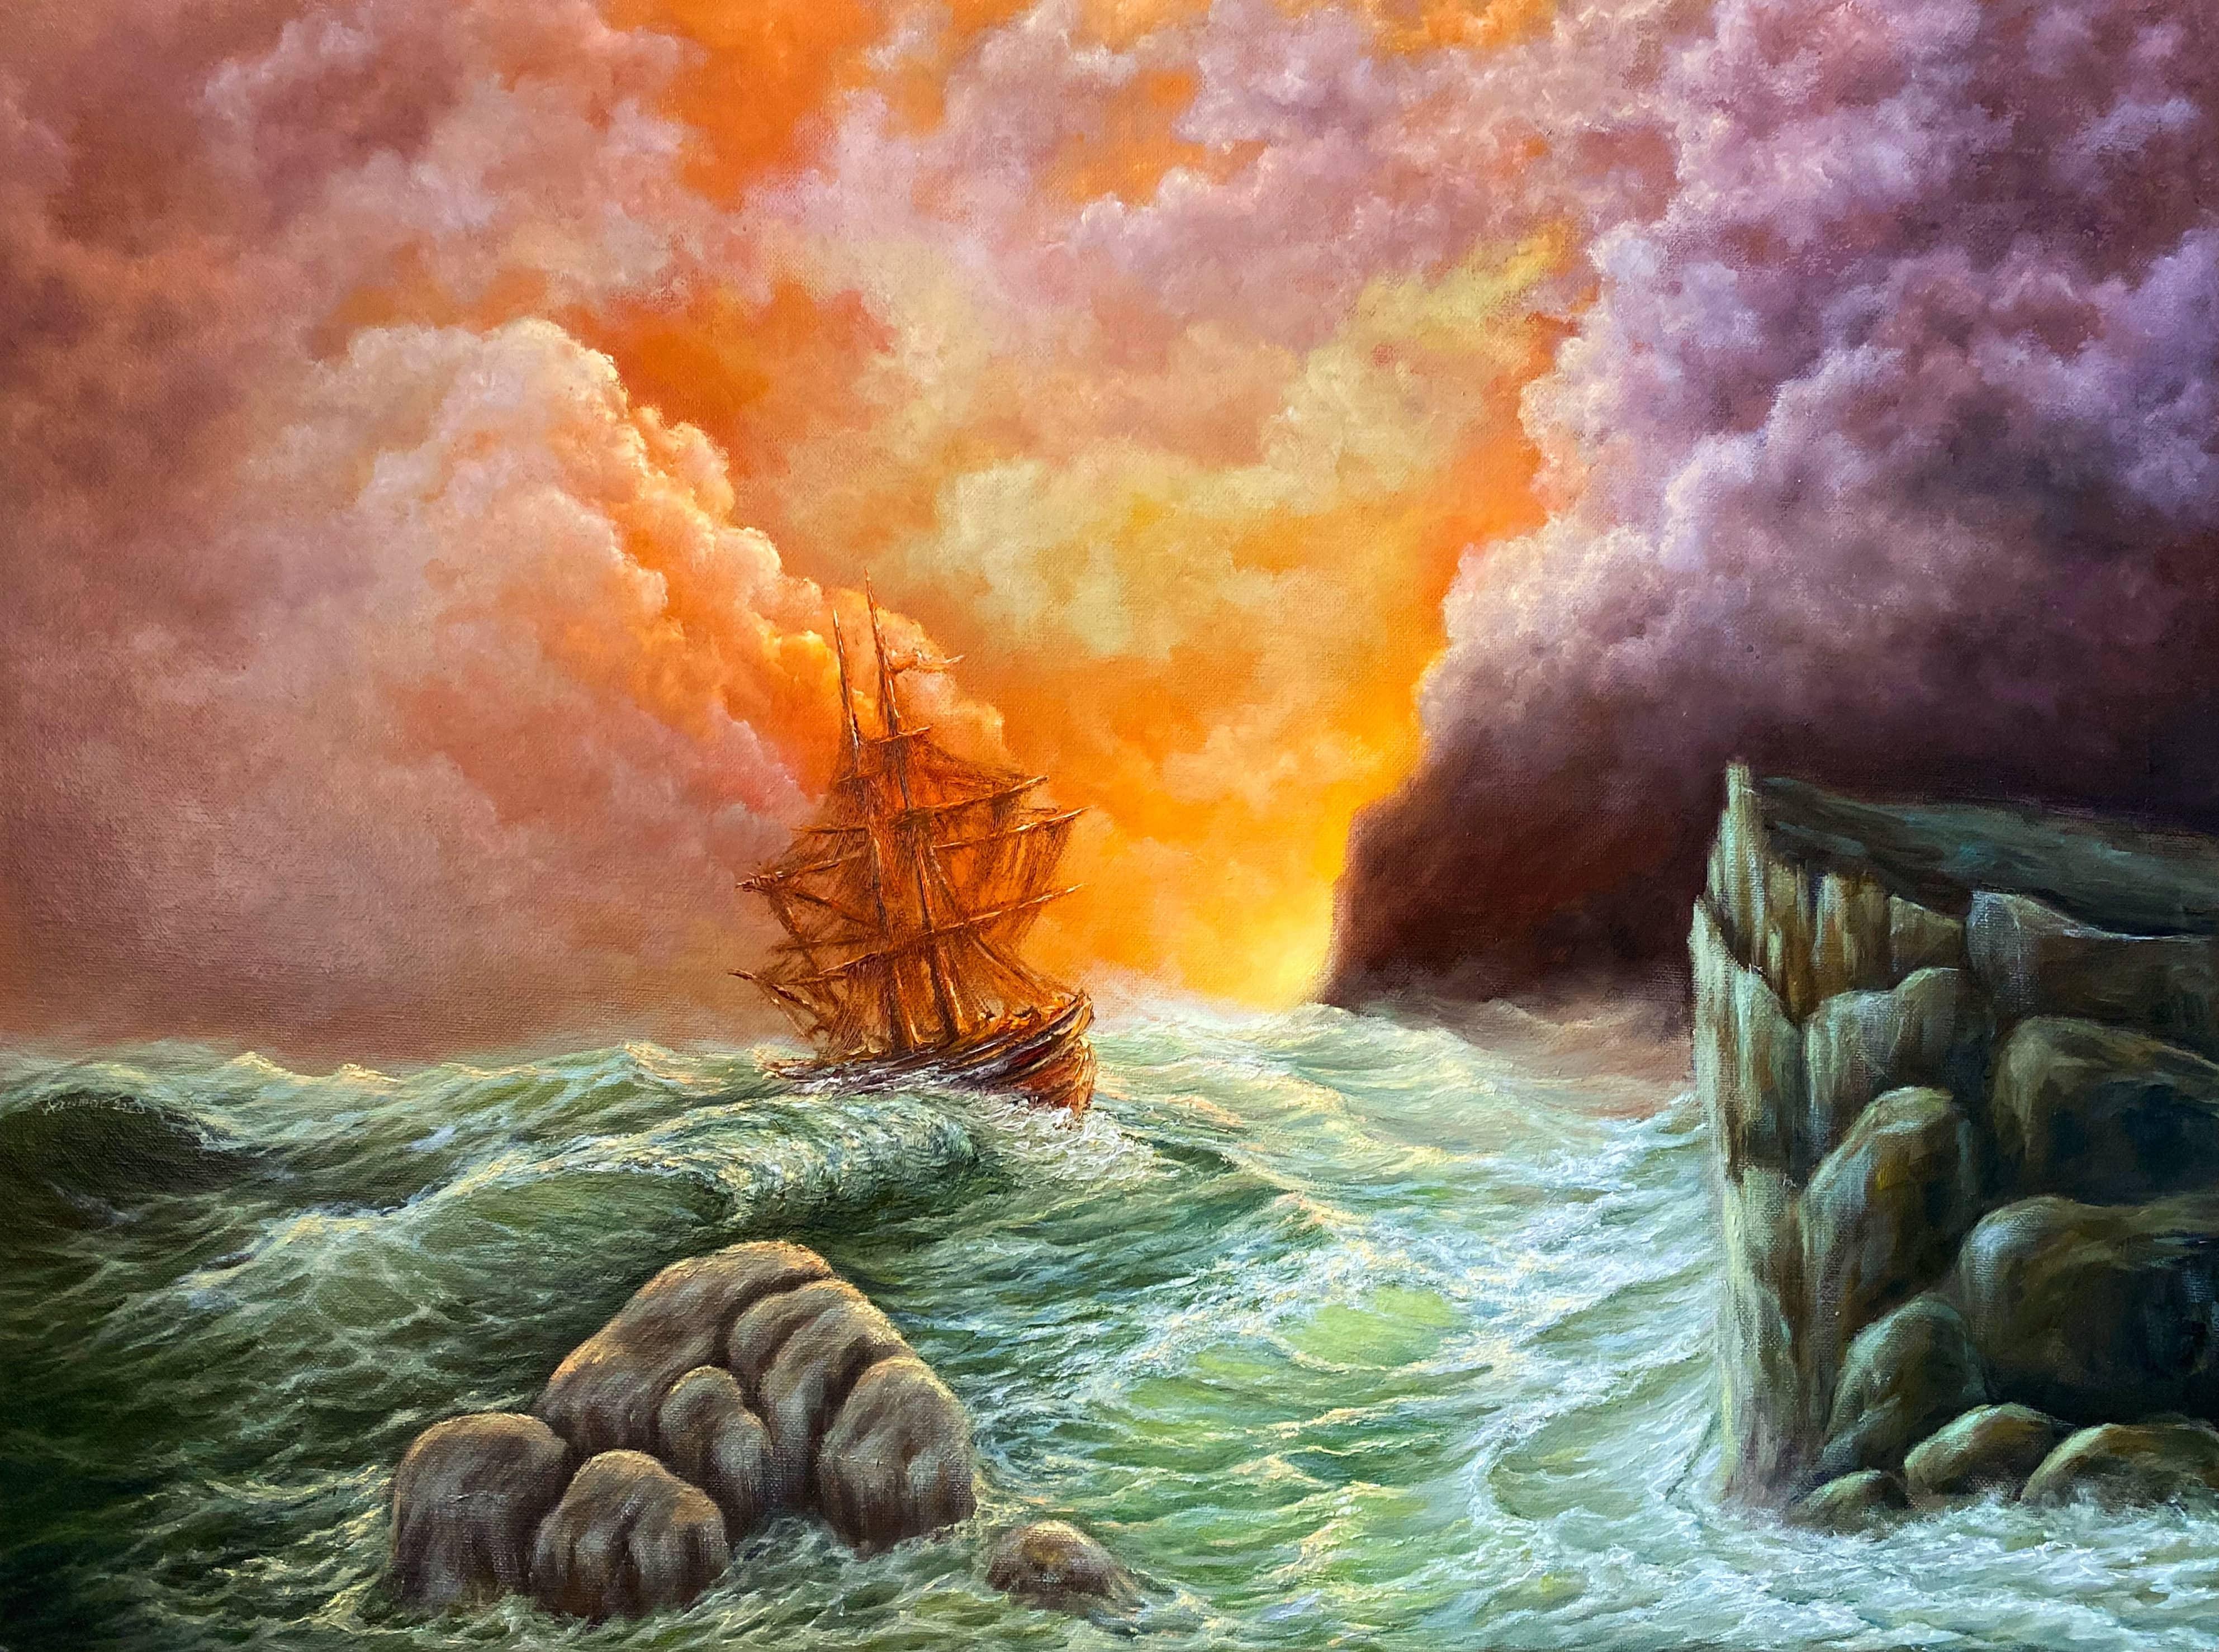 Море волнуется,манит к себе,вдаль убегает небрежно